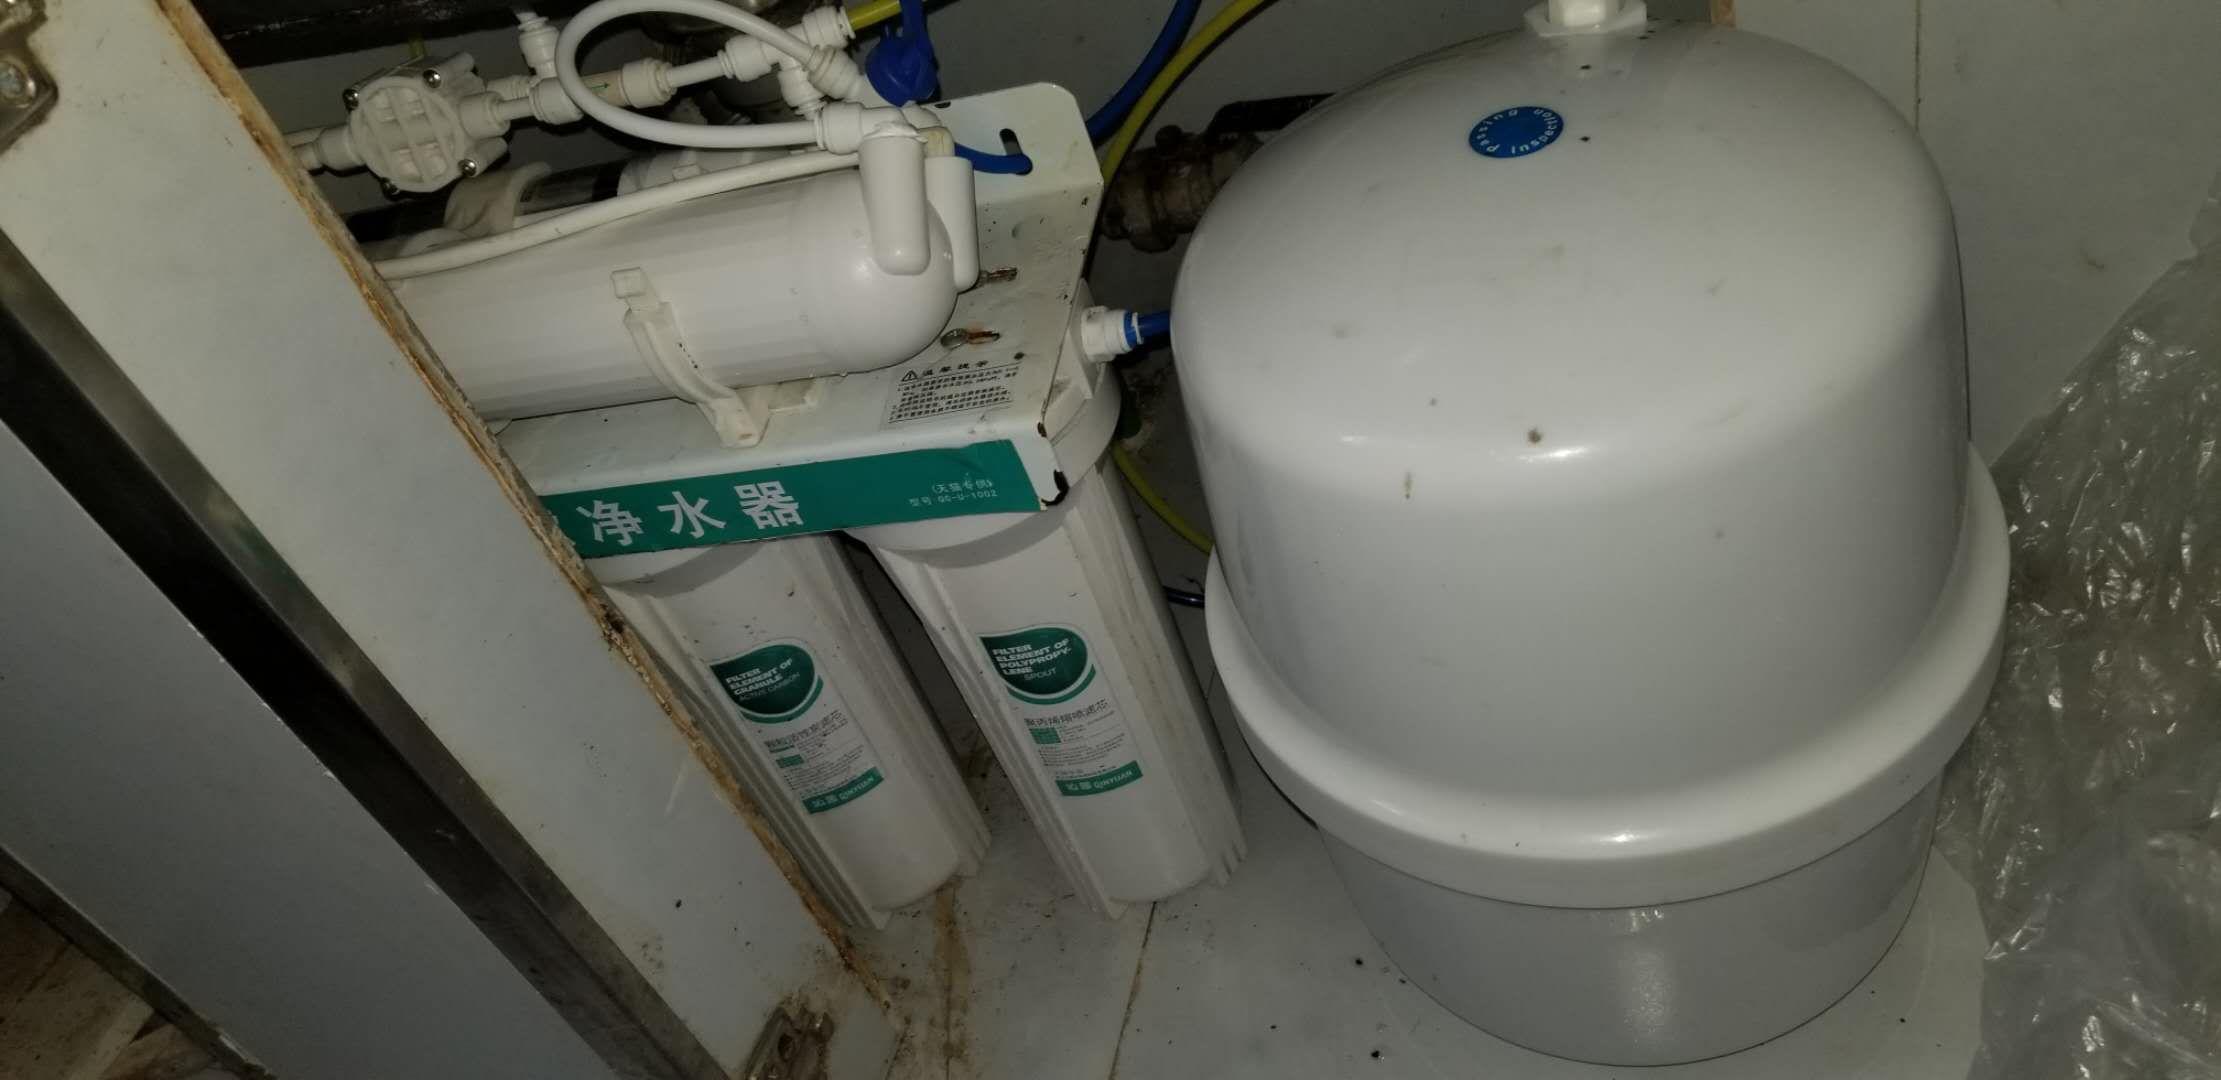 净水机维修之沁园超滤机改成反渗透机  净水机维修 沁园维修 第2张